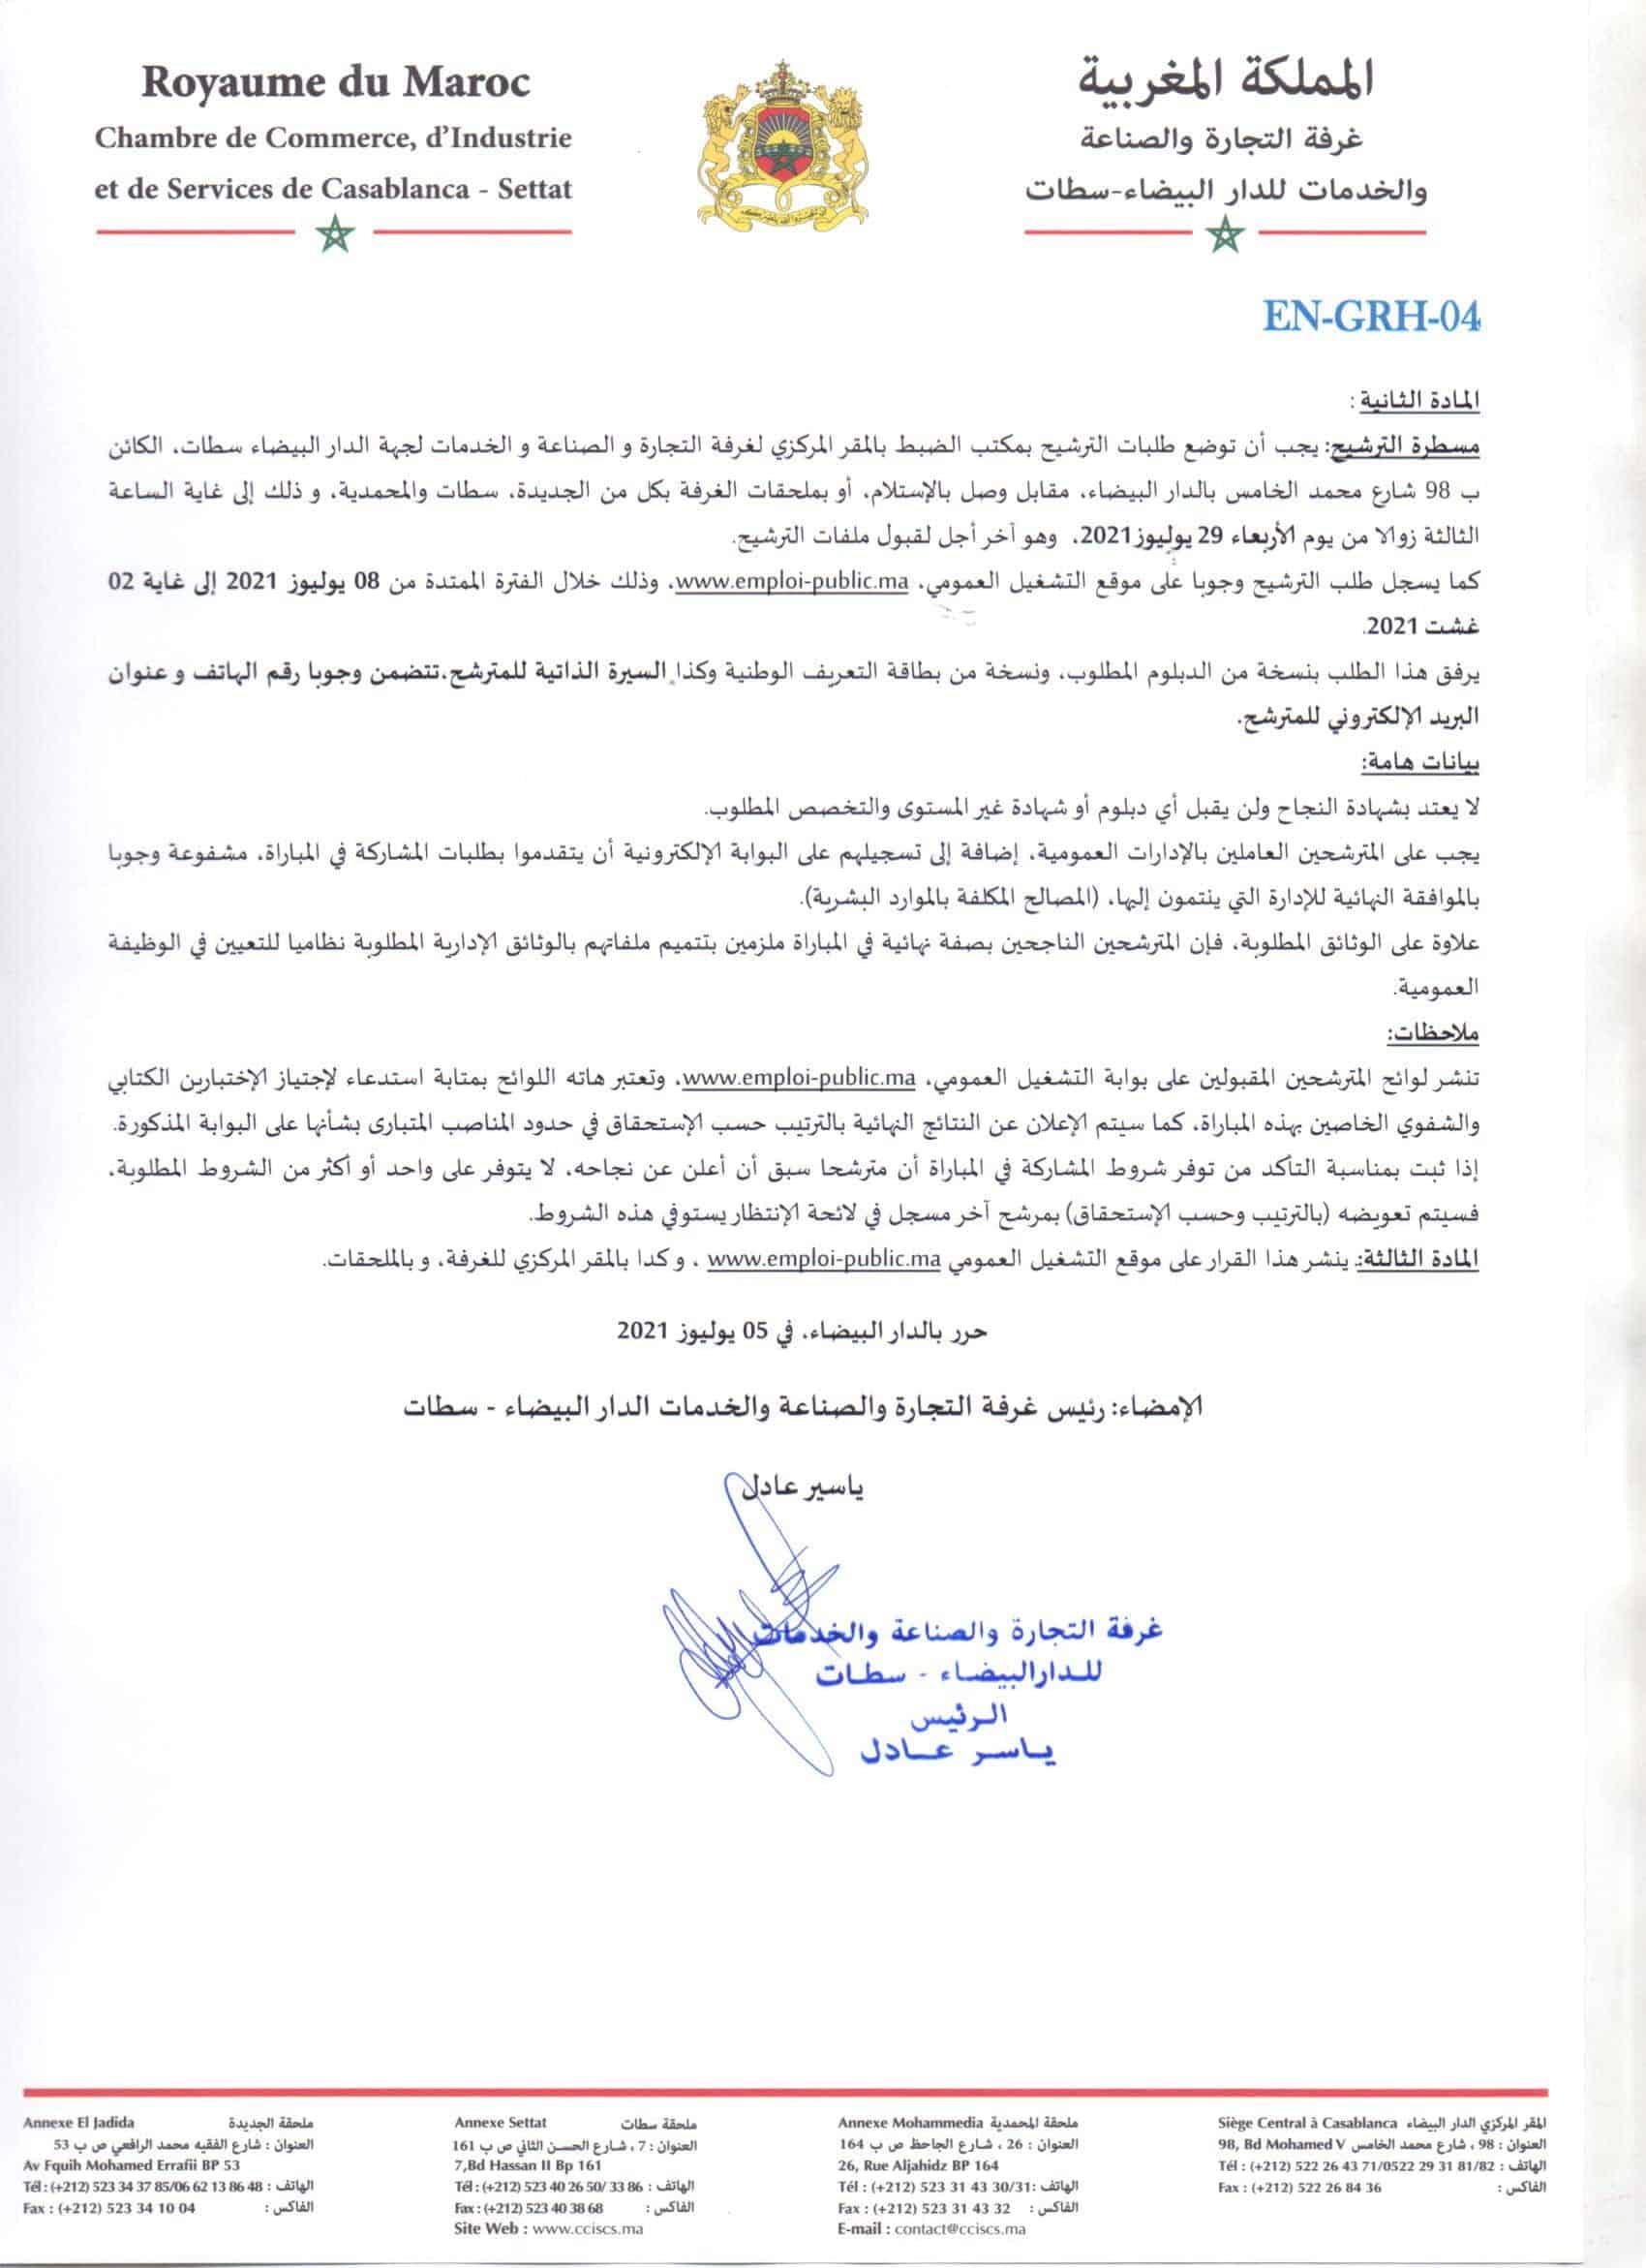 nomFichier2884 2 Concours Chambre de Commerce d'Industrie et de Services Casablanca Settat (2 Postes)